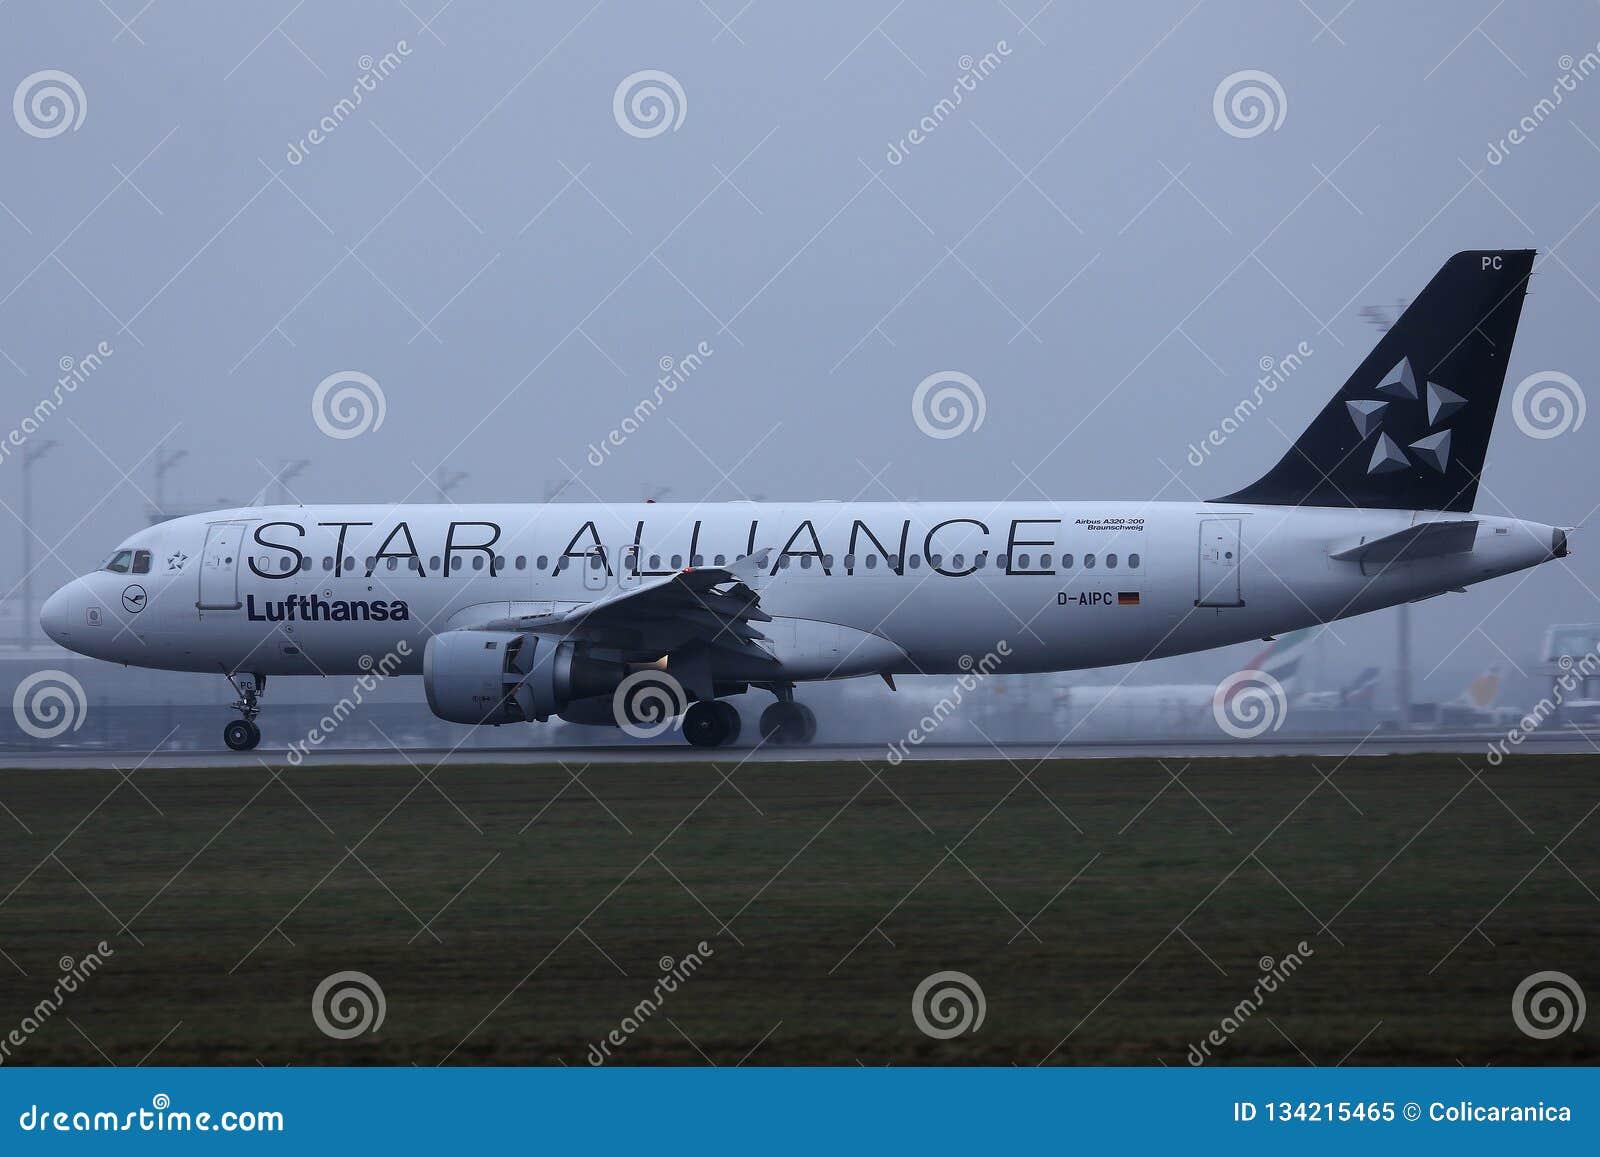 Αεροπλάνο της Lufthansa συμμαχίας αστεριών που μετακινείται με ταξί στον αερολιμένα του Μόναχου, MUC